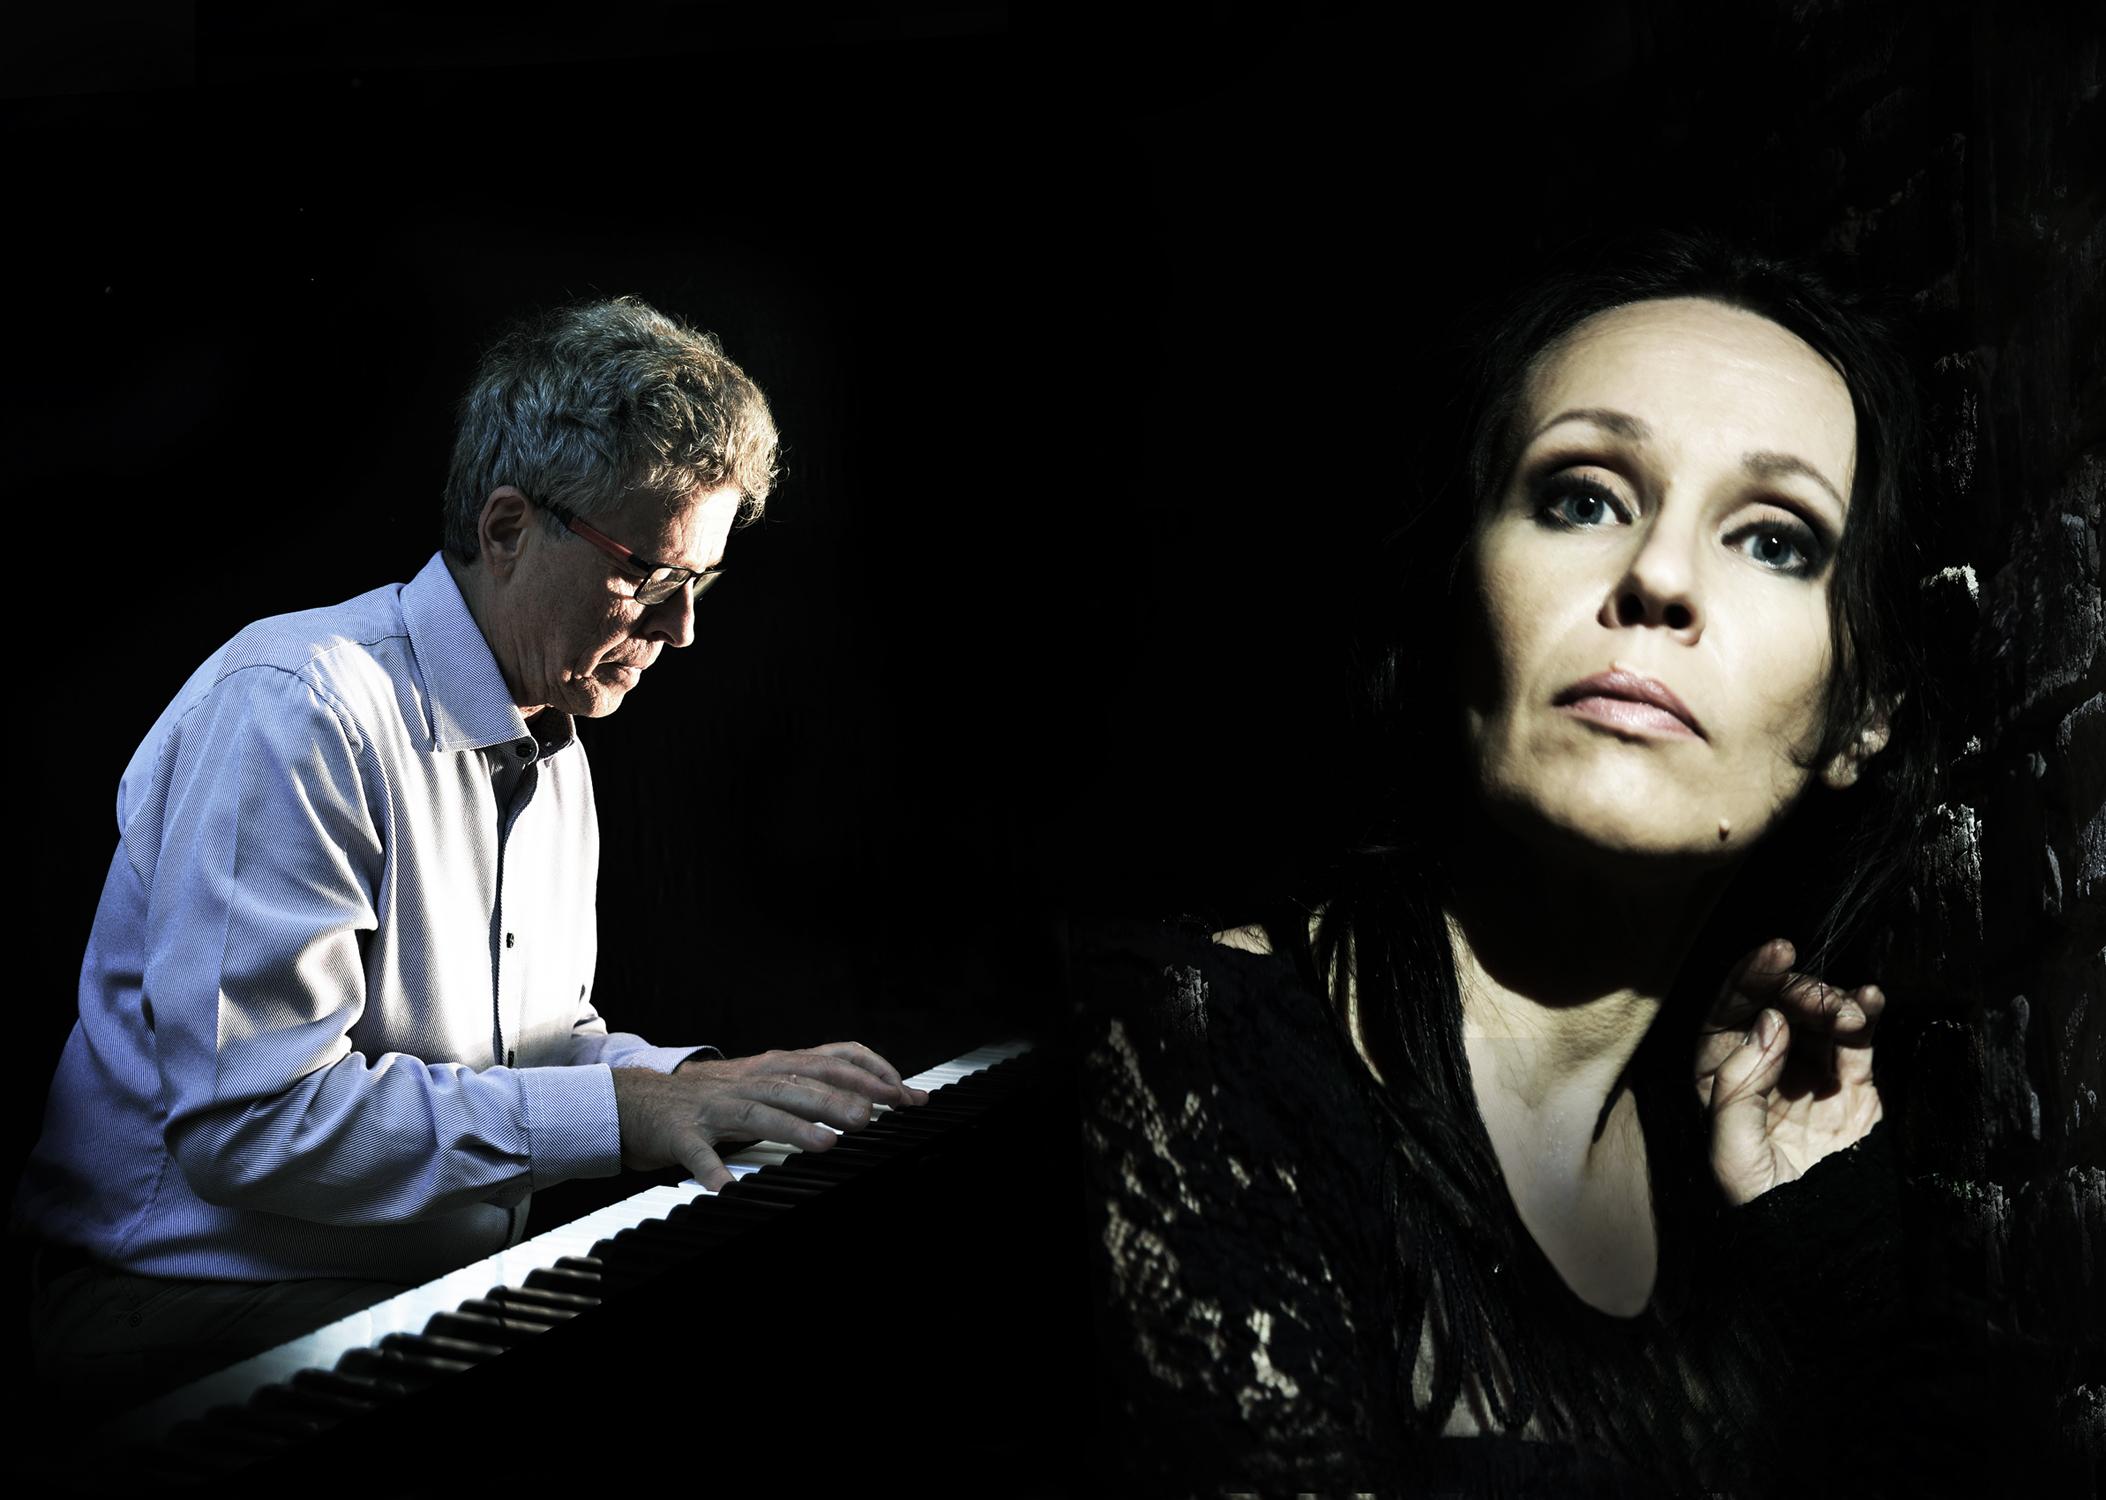 Pianisti-säveltäjä Esa Helasvuo ja laulaja Kursi Poutanen. Kuva: Antero Kahila / Keijo Sundvall